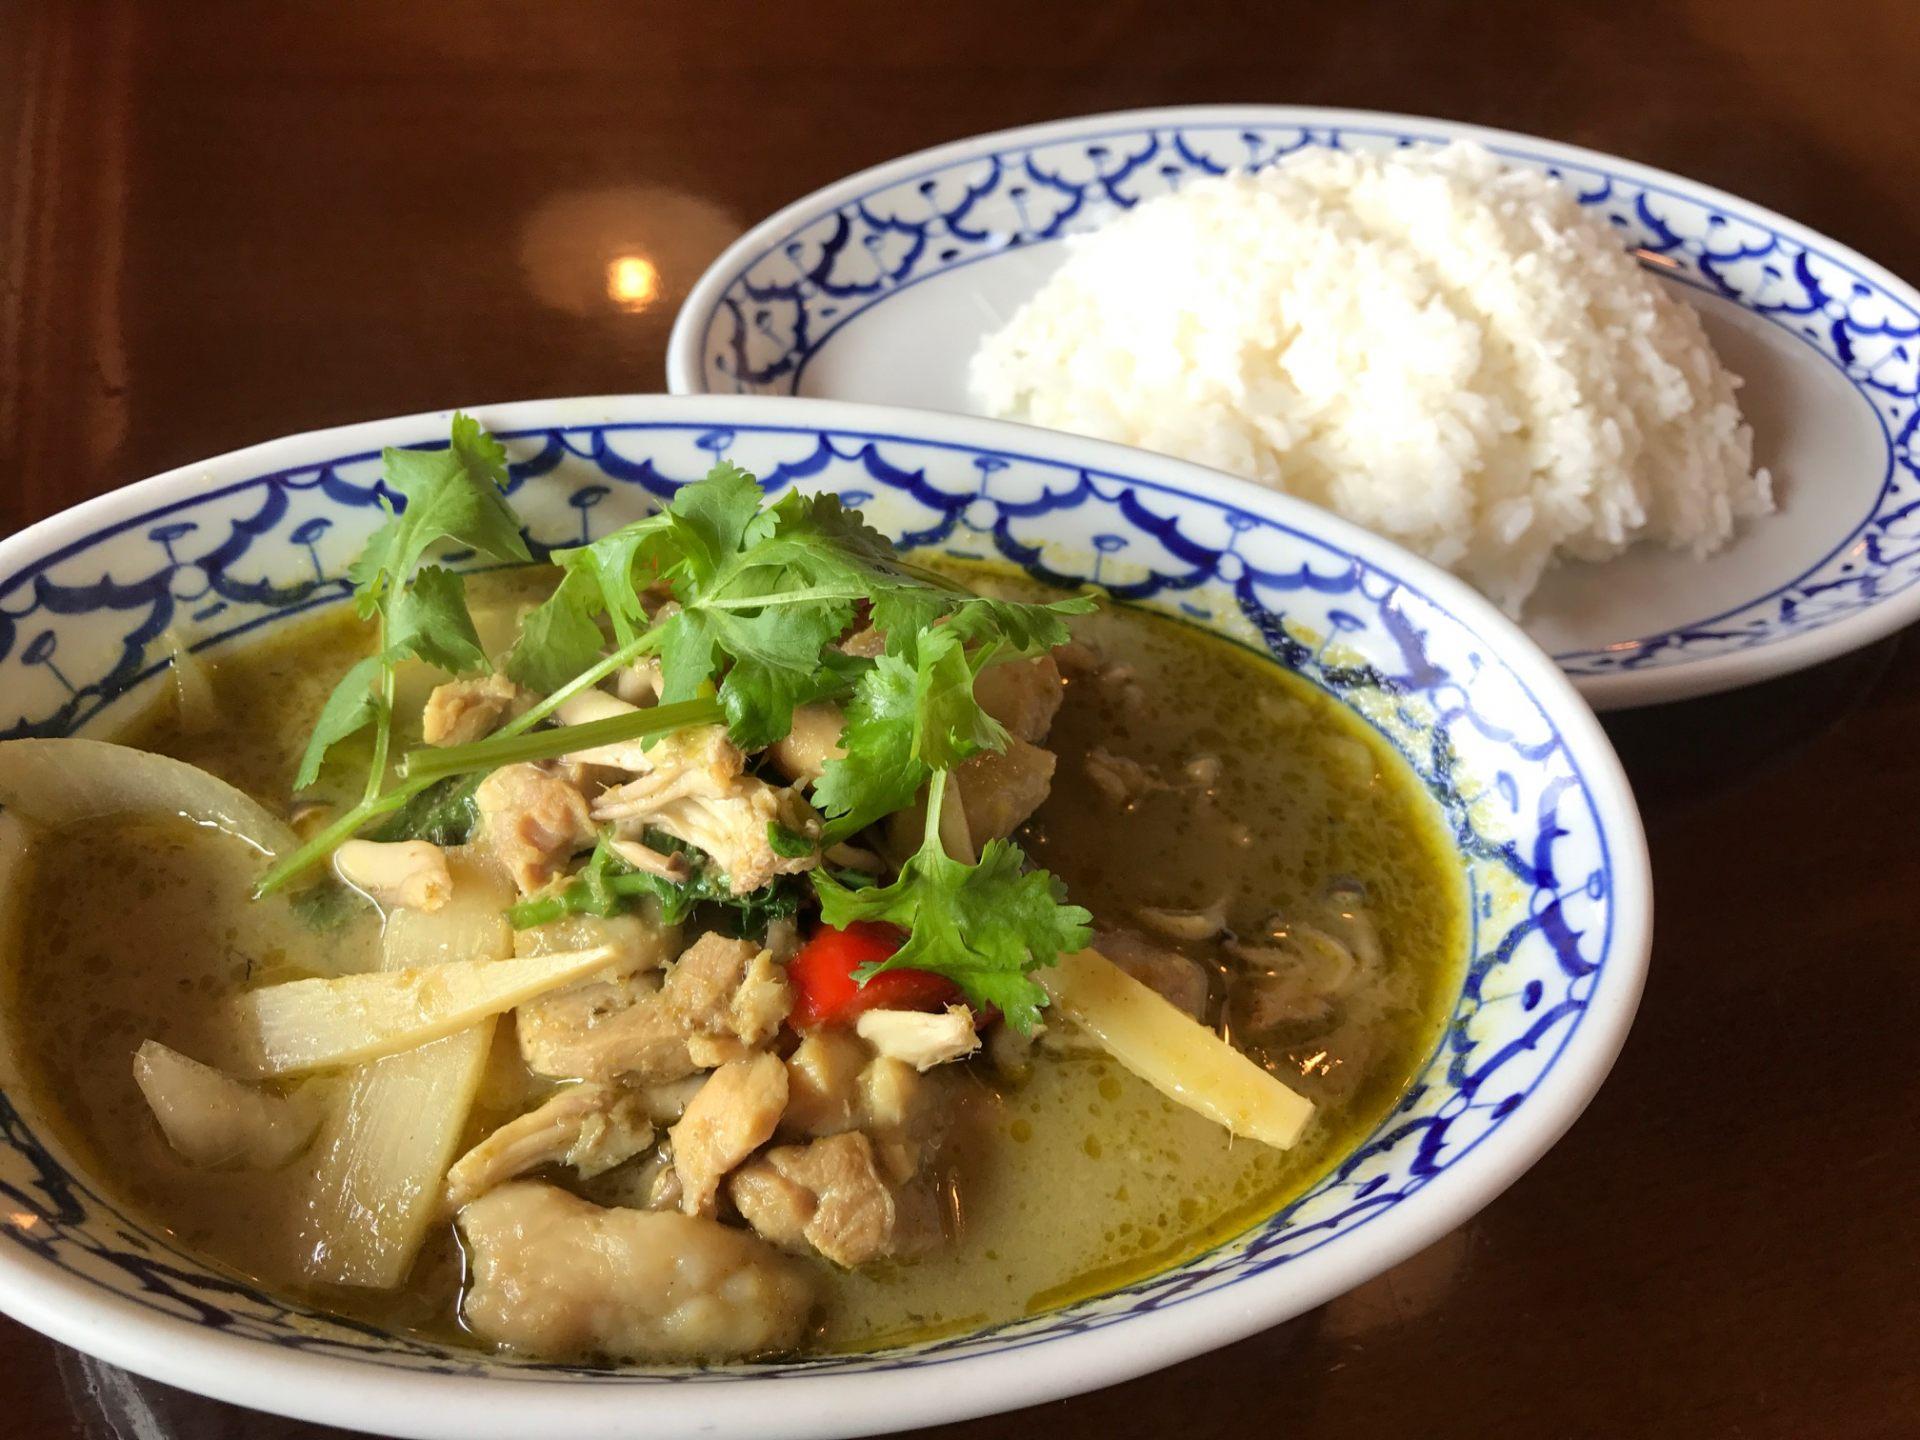 Green Curry (1140 yen)